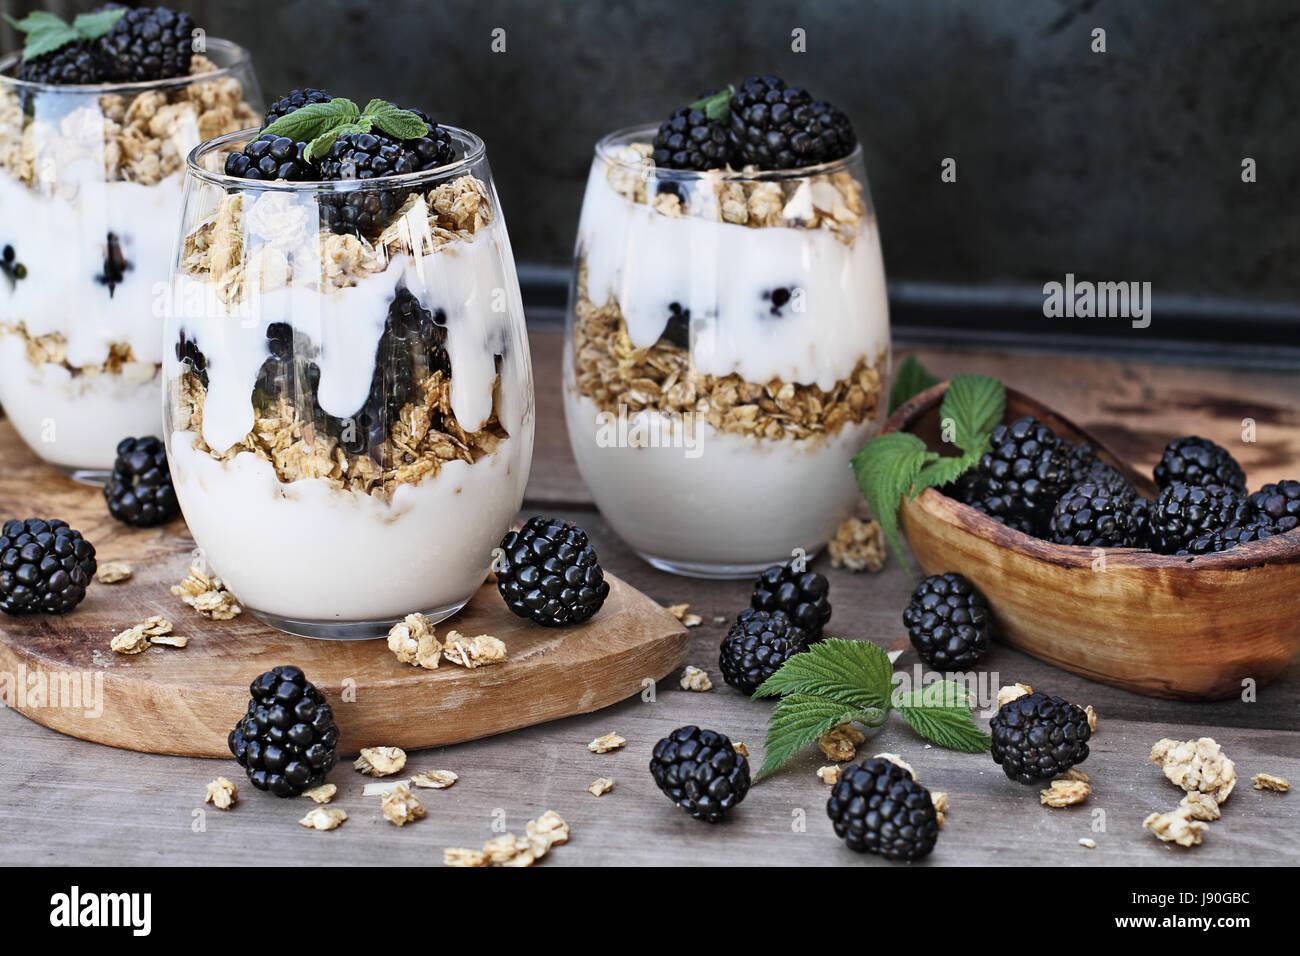 Parfaits Blackberry hecha con yogur griego, granola y moras frescas. Profundidad de campo extremas con el enfoque Imagen De Stock